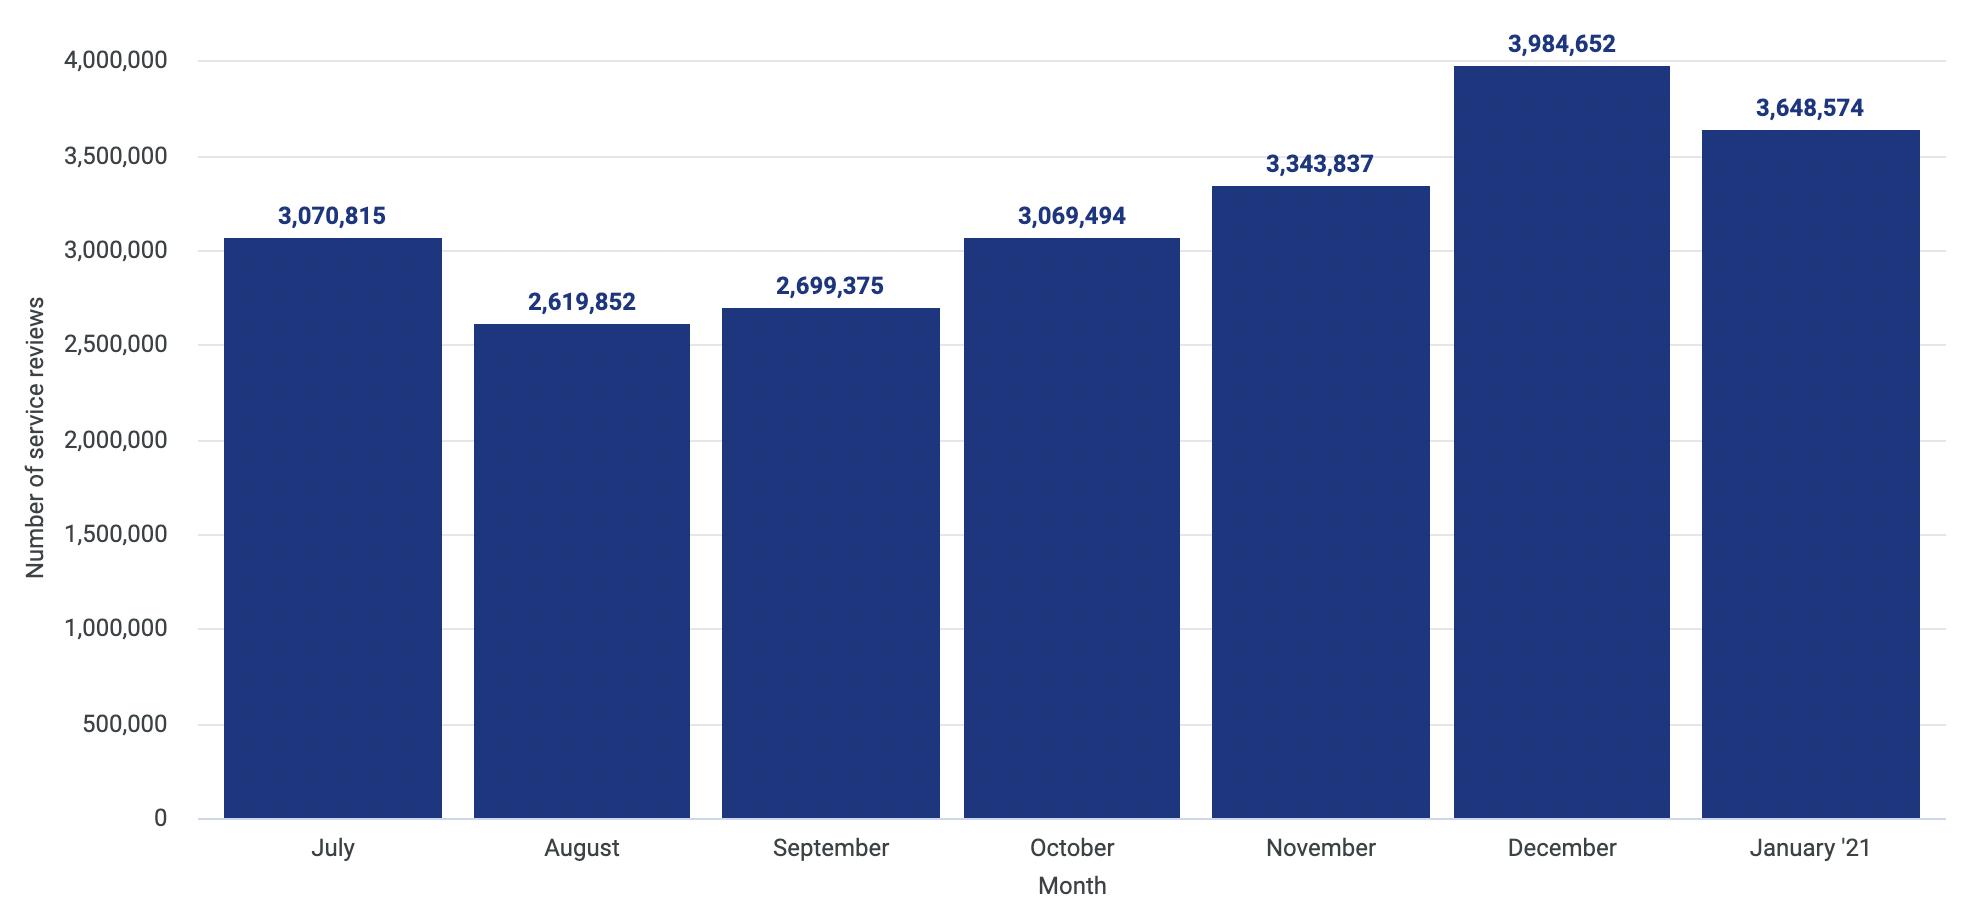 2 - Totale delle recensioni dei servizi scritte su Trustpilot tra luglio 2020 e gennaio 2021